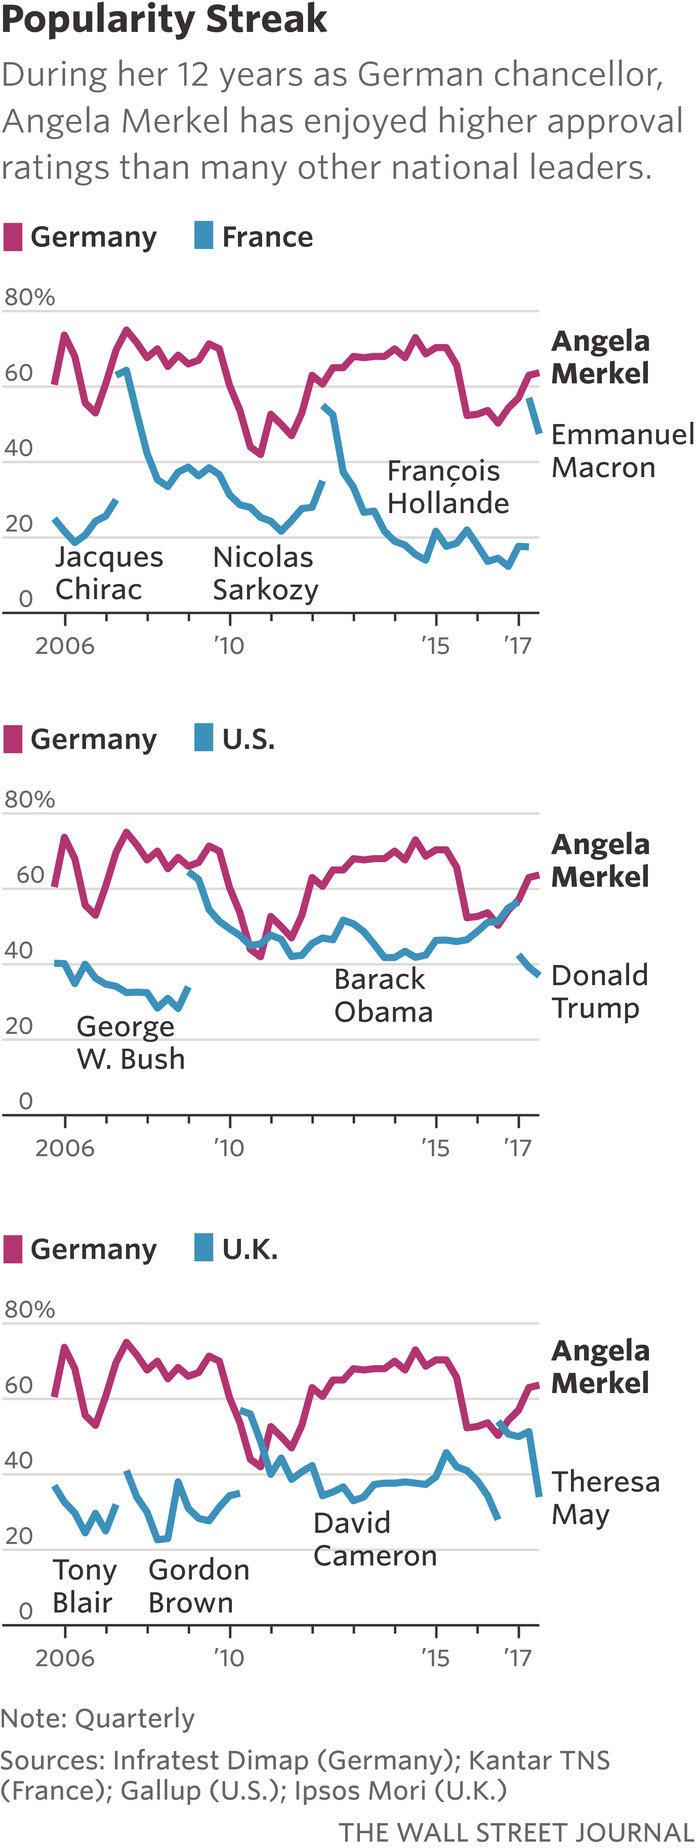 """Το μυστικό της πολιτικής """"μακροζωίας"""" της Ανγκελα Μέρκελ"""